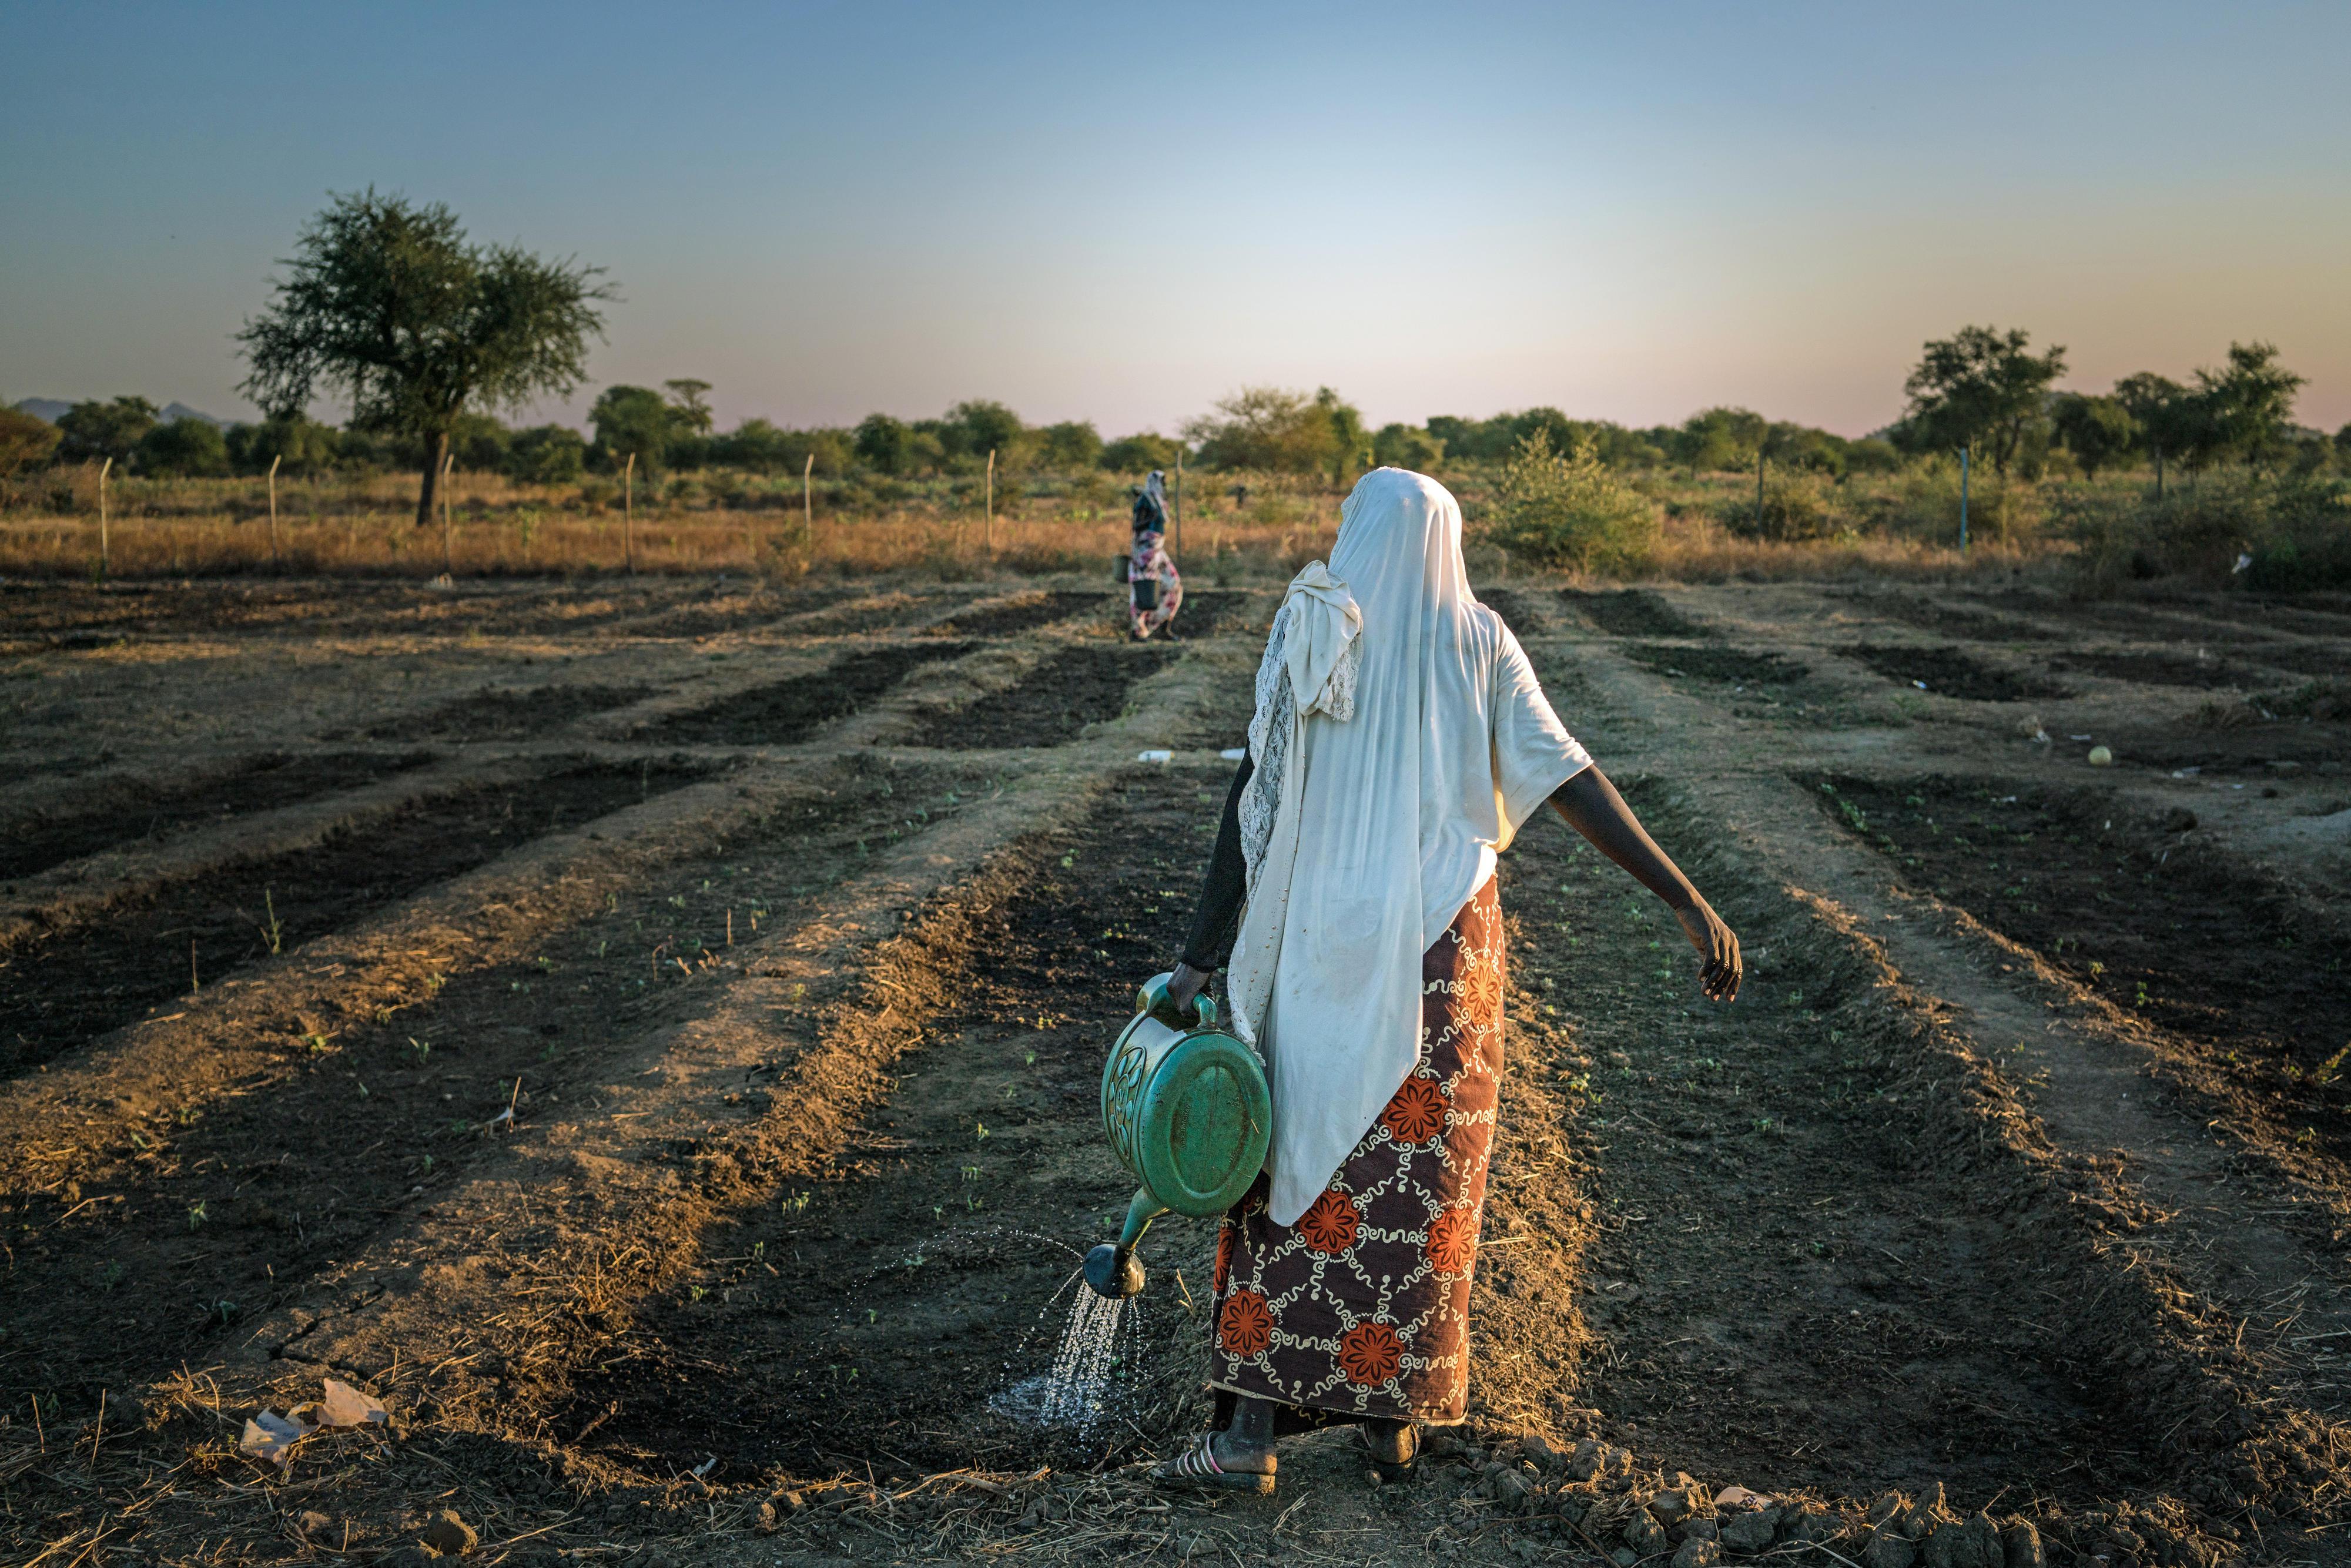 Der vom WFP finanzierte Gemeinschaftsgarten in Bandaro (Tschad) unterstützt Menschen, die von Ernährungsunsicherheit betroffen oder bedroht sind, dabei, ihren Lebensunterhalt zu bestreiten. Die geernteten Produkte werden unter anderem für die lokale Schulspeisung genutzt.